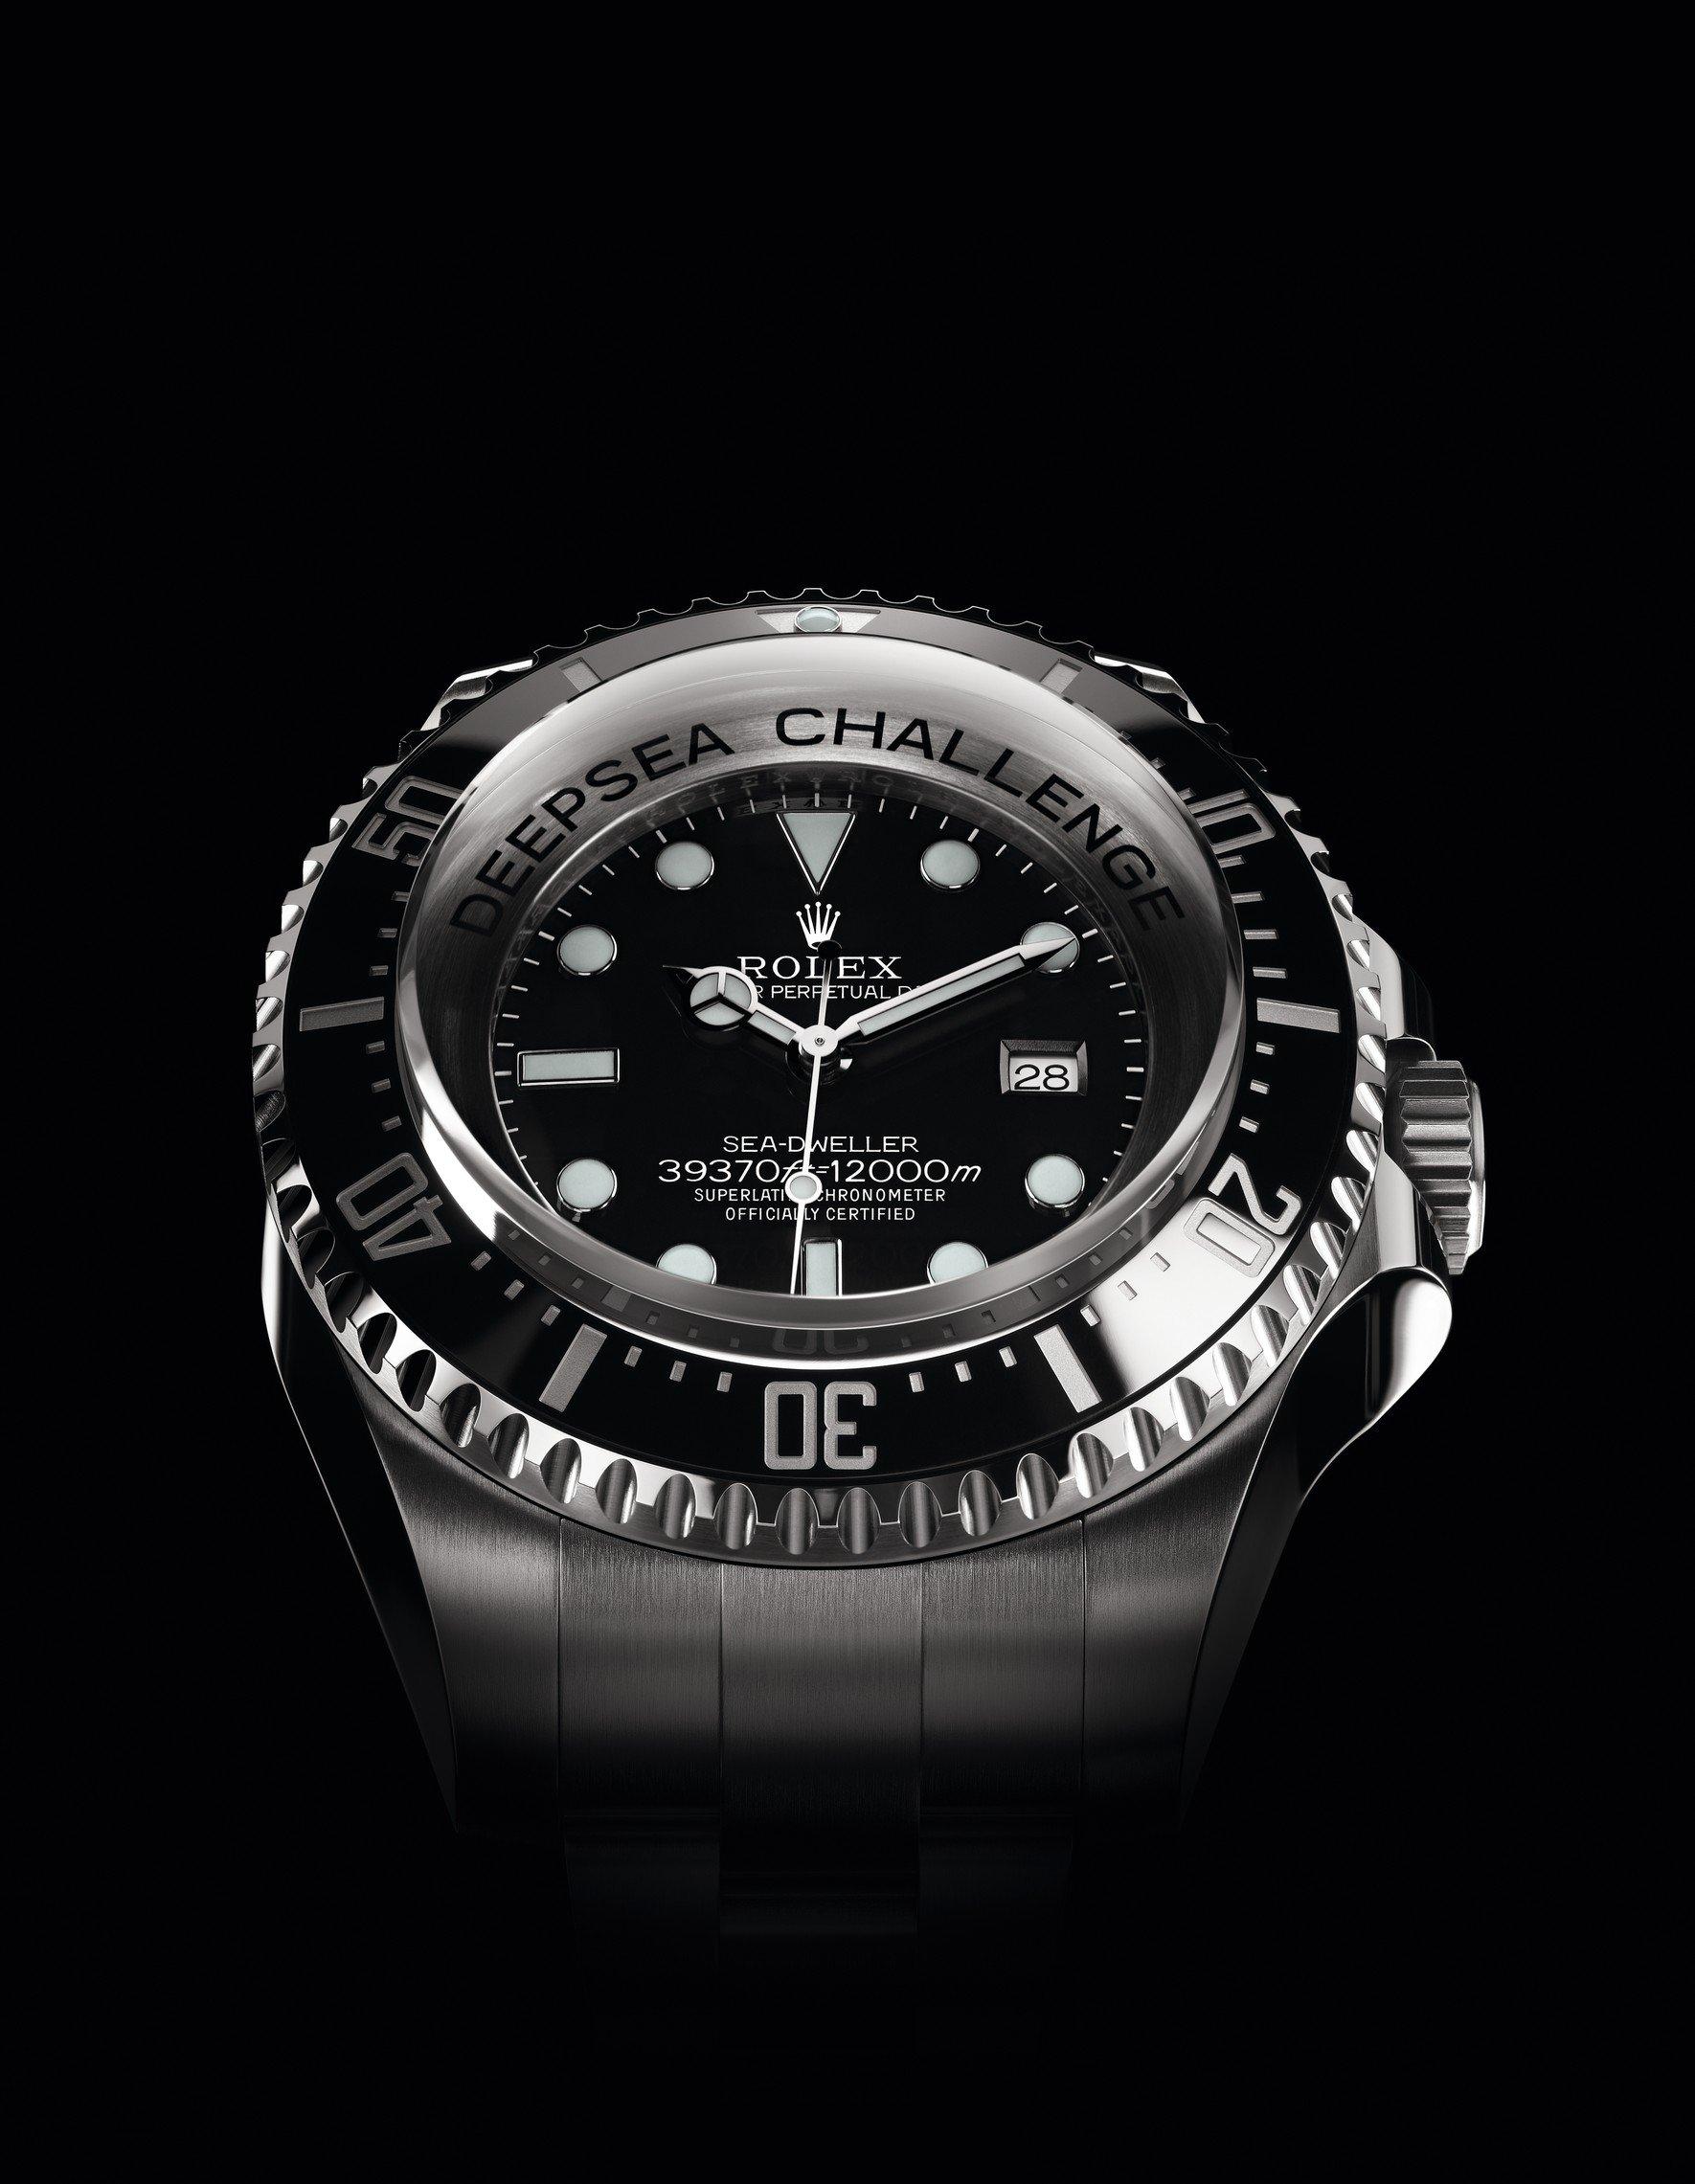 05_Rolex_Deepsea_Challenge